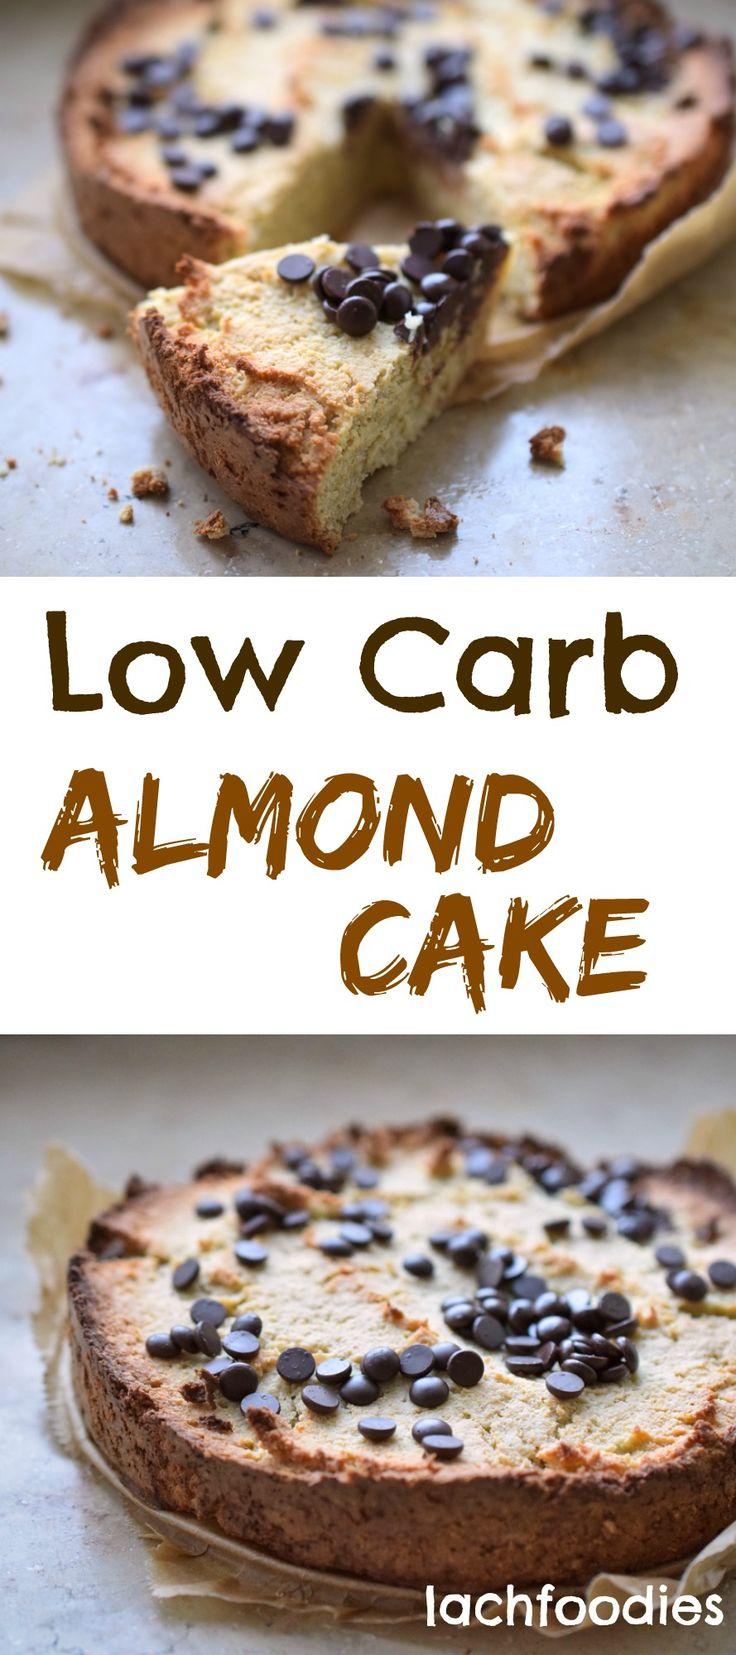 Low Carb Almond Cake Ein leckerer Kuchen für ein gemütliches Low Carb Dessert (zucker- und glutenfrei). Kohlenhydratarmes Gebäck mit Schokolade und Marzipan.